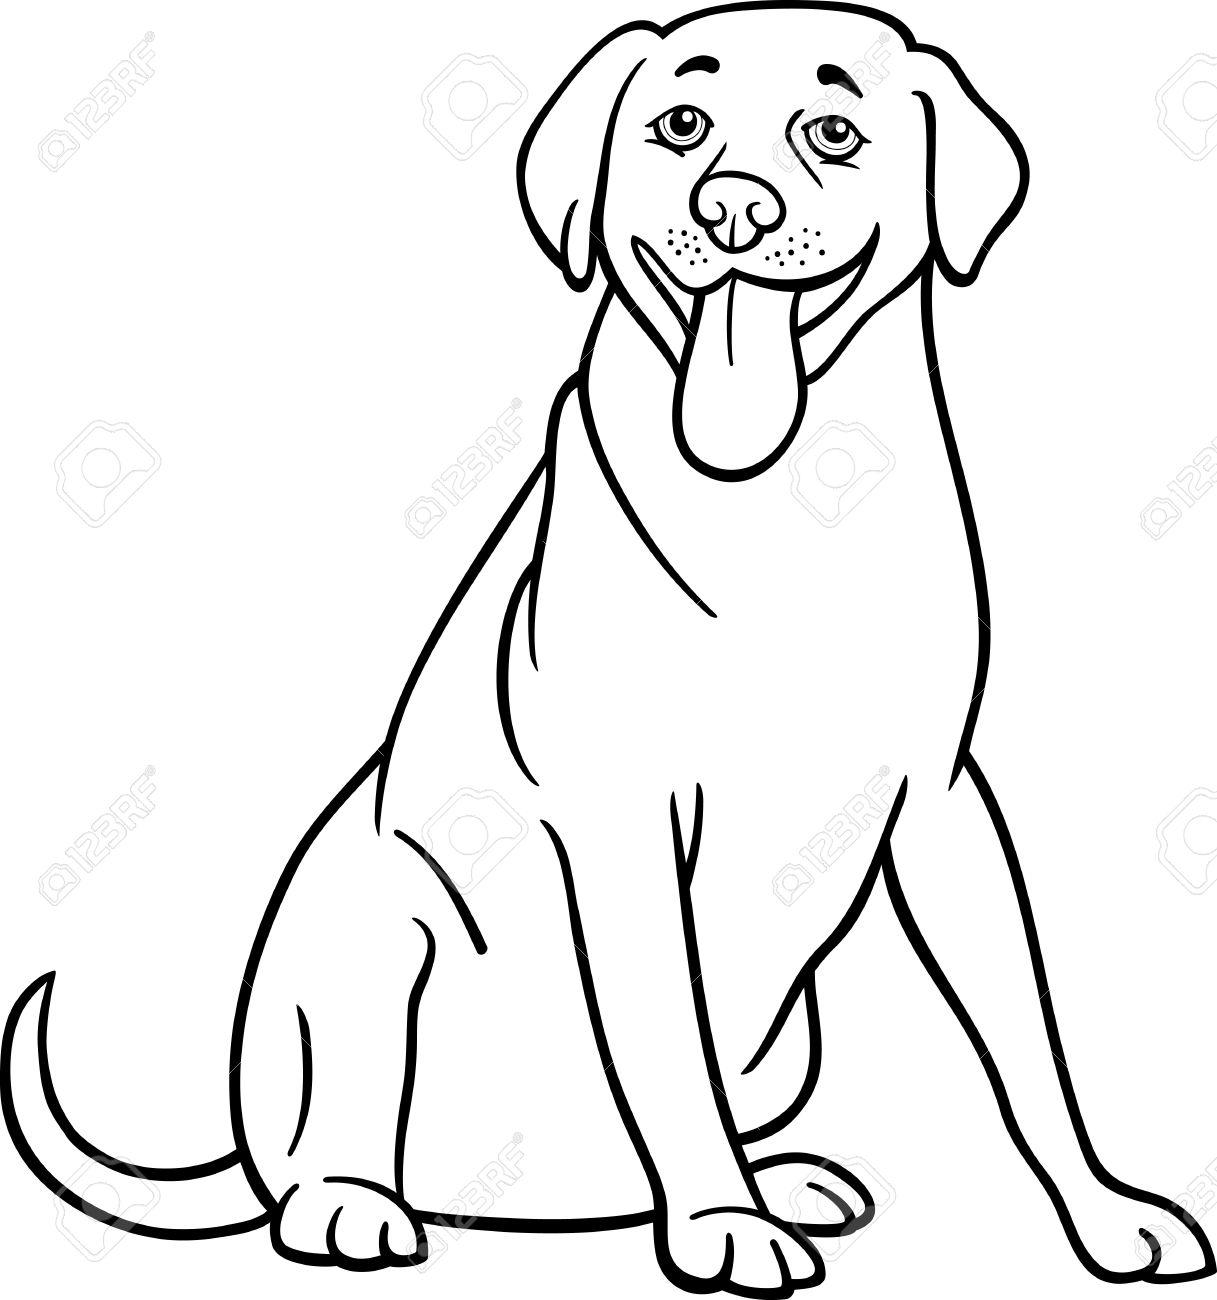 Black and White Cartoon Illustration of Funny Labrador Retriever...